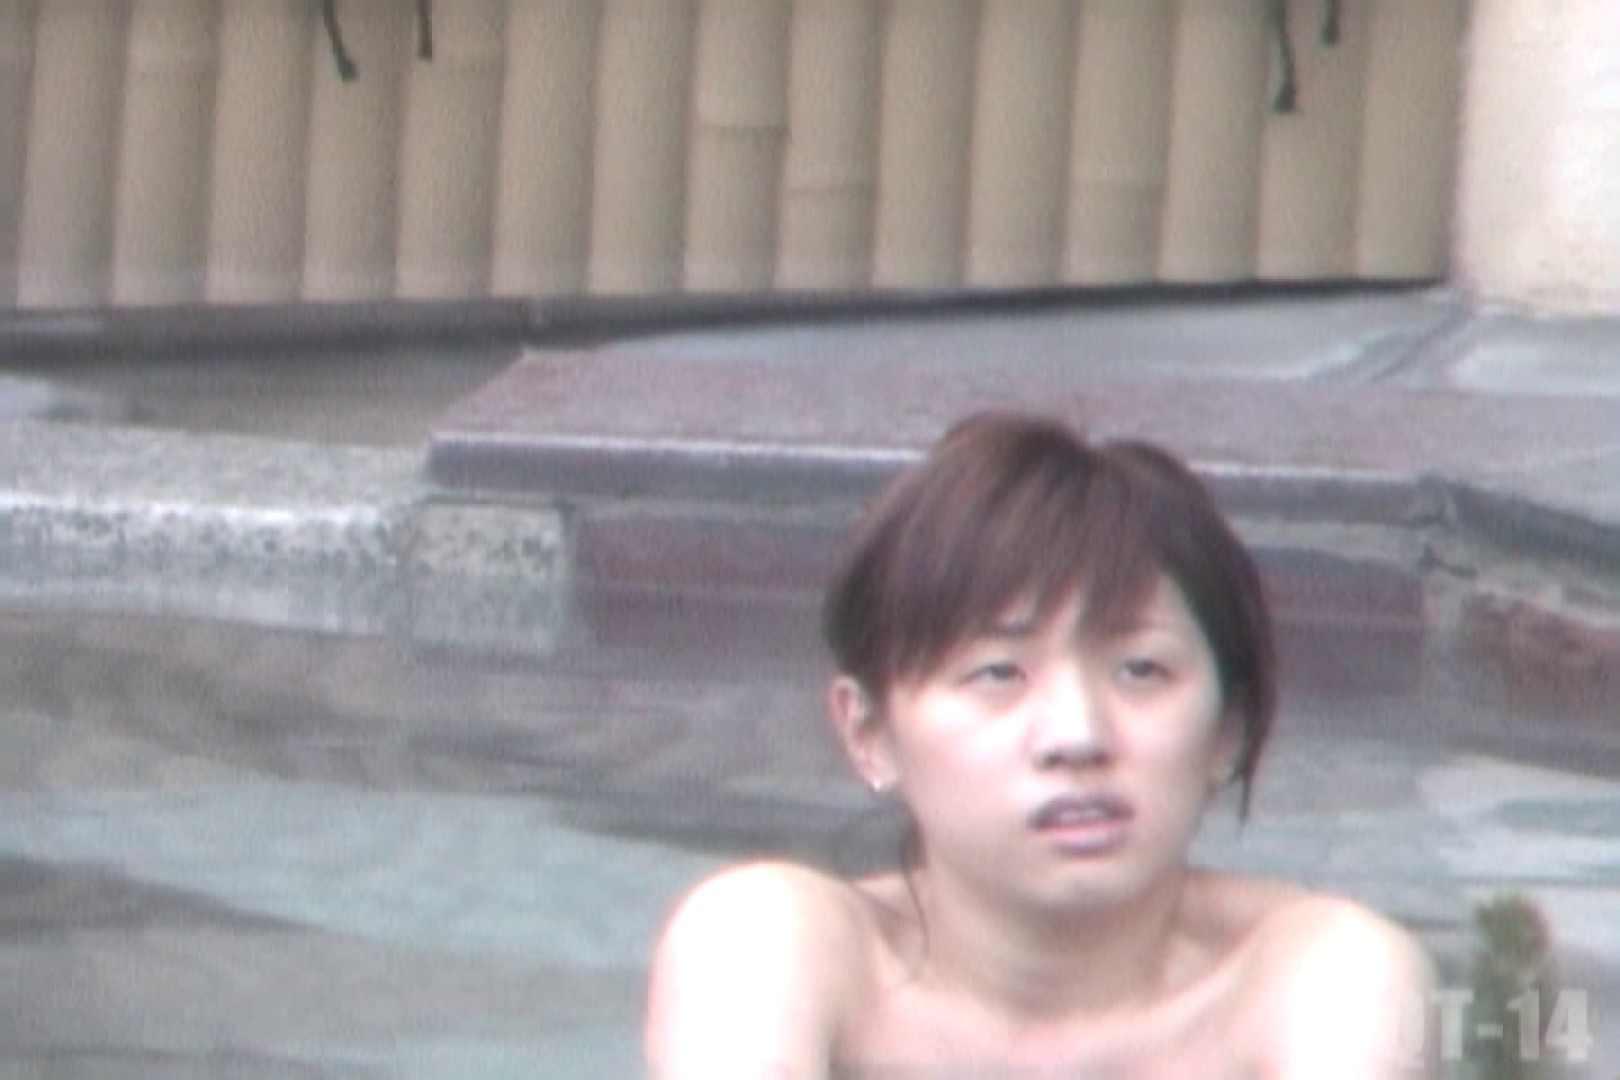 Aquaな露天風呂Vol.821 盗撮 | 露天風呂  73連発 46